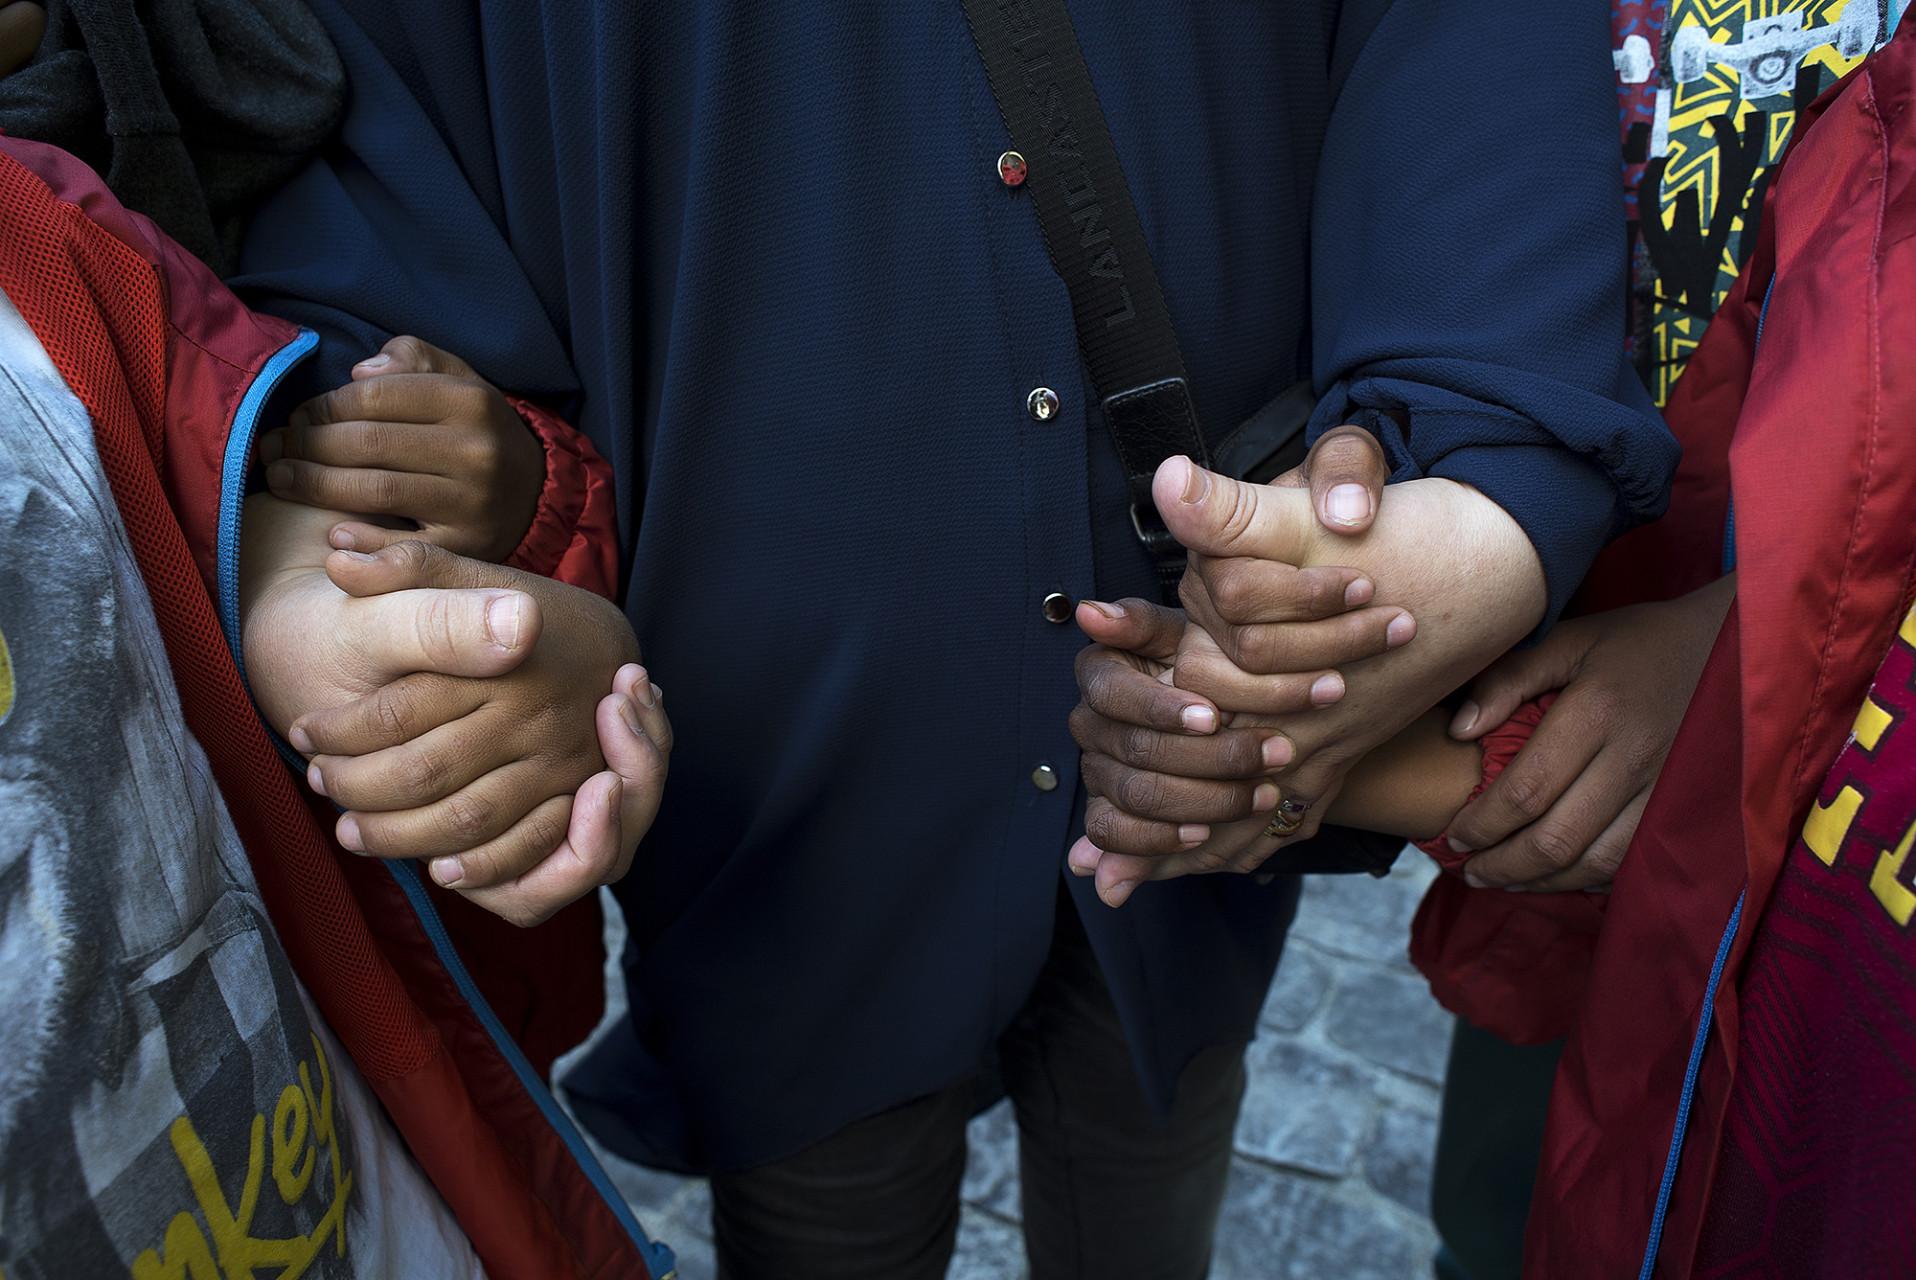 Le vendredi 29 juillet au parc des coteaux a Vitry sur Seine ont ete officiellement accueilli les enfants Palestiniens et Sahraouis venus pour passer des vacances dans les centres de vacances de Vitry en France. L adjoint au maire de Vitry Djamel Hamani a